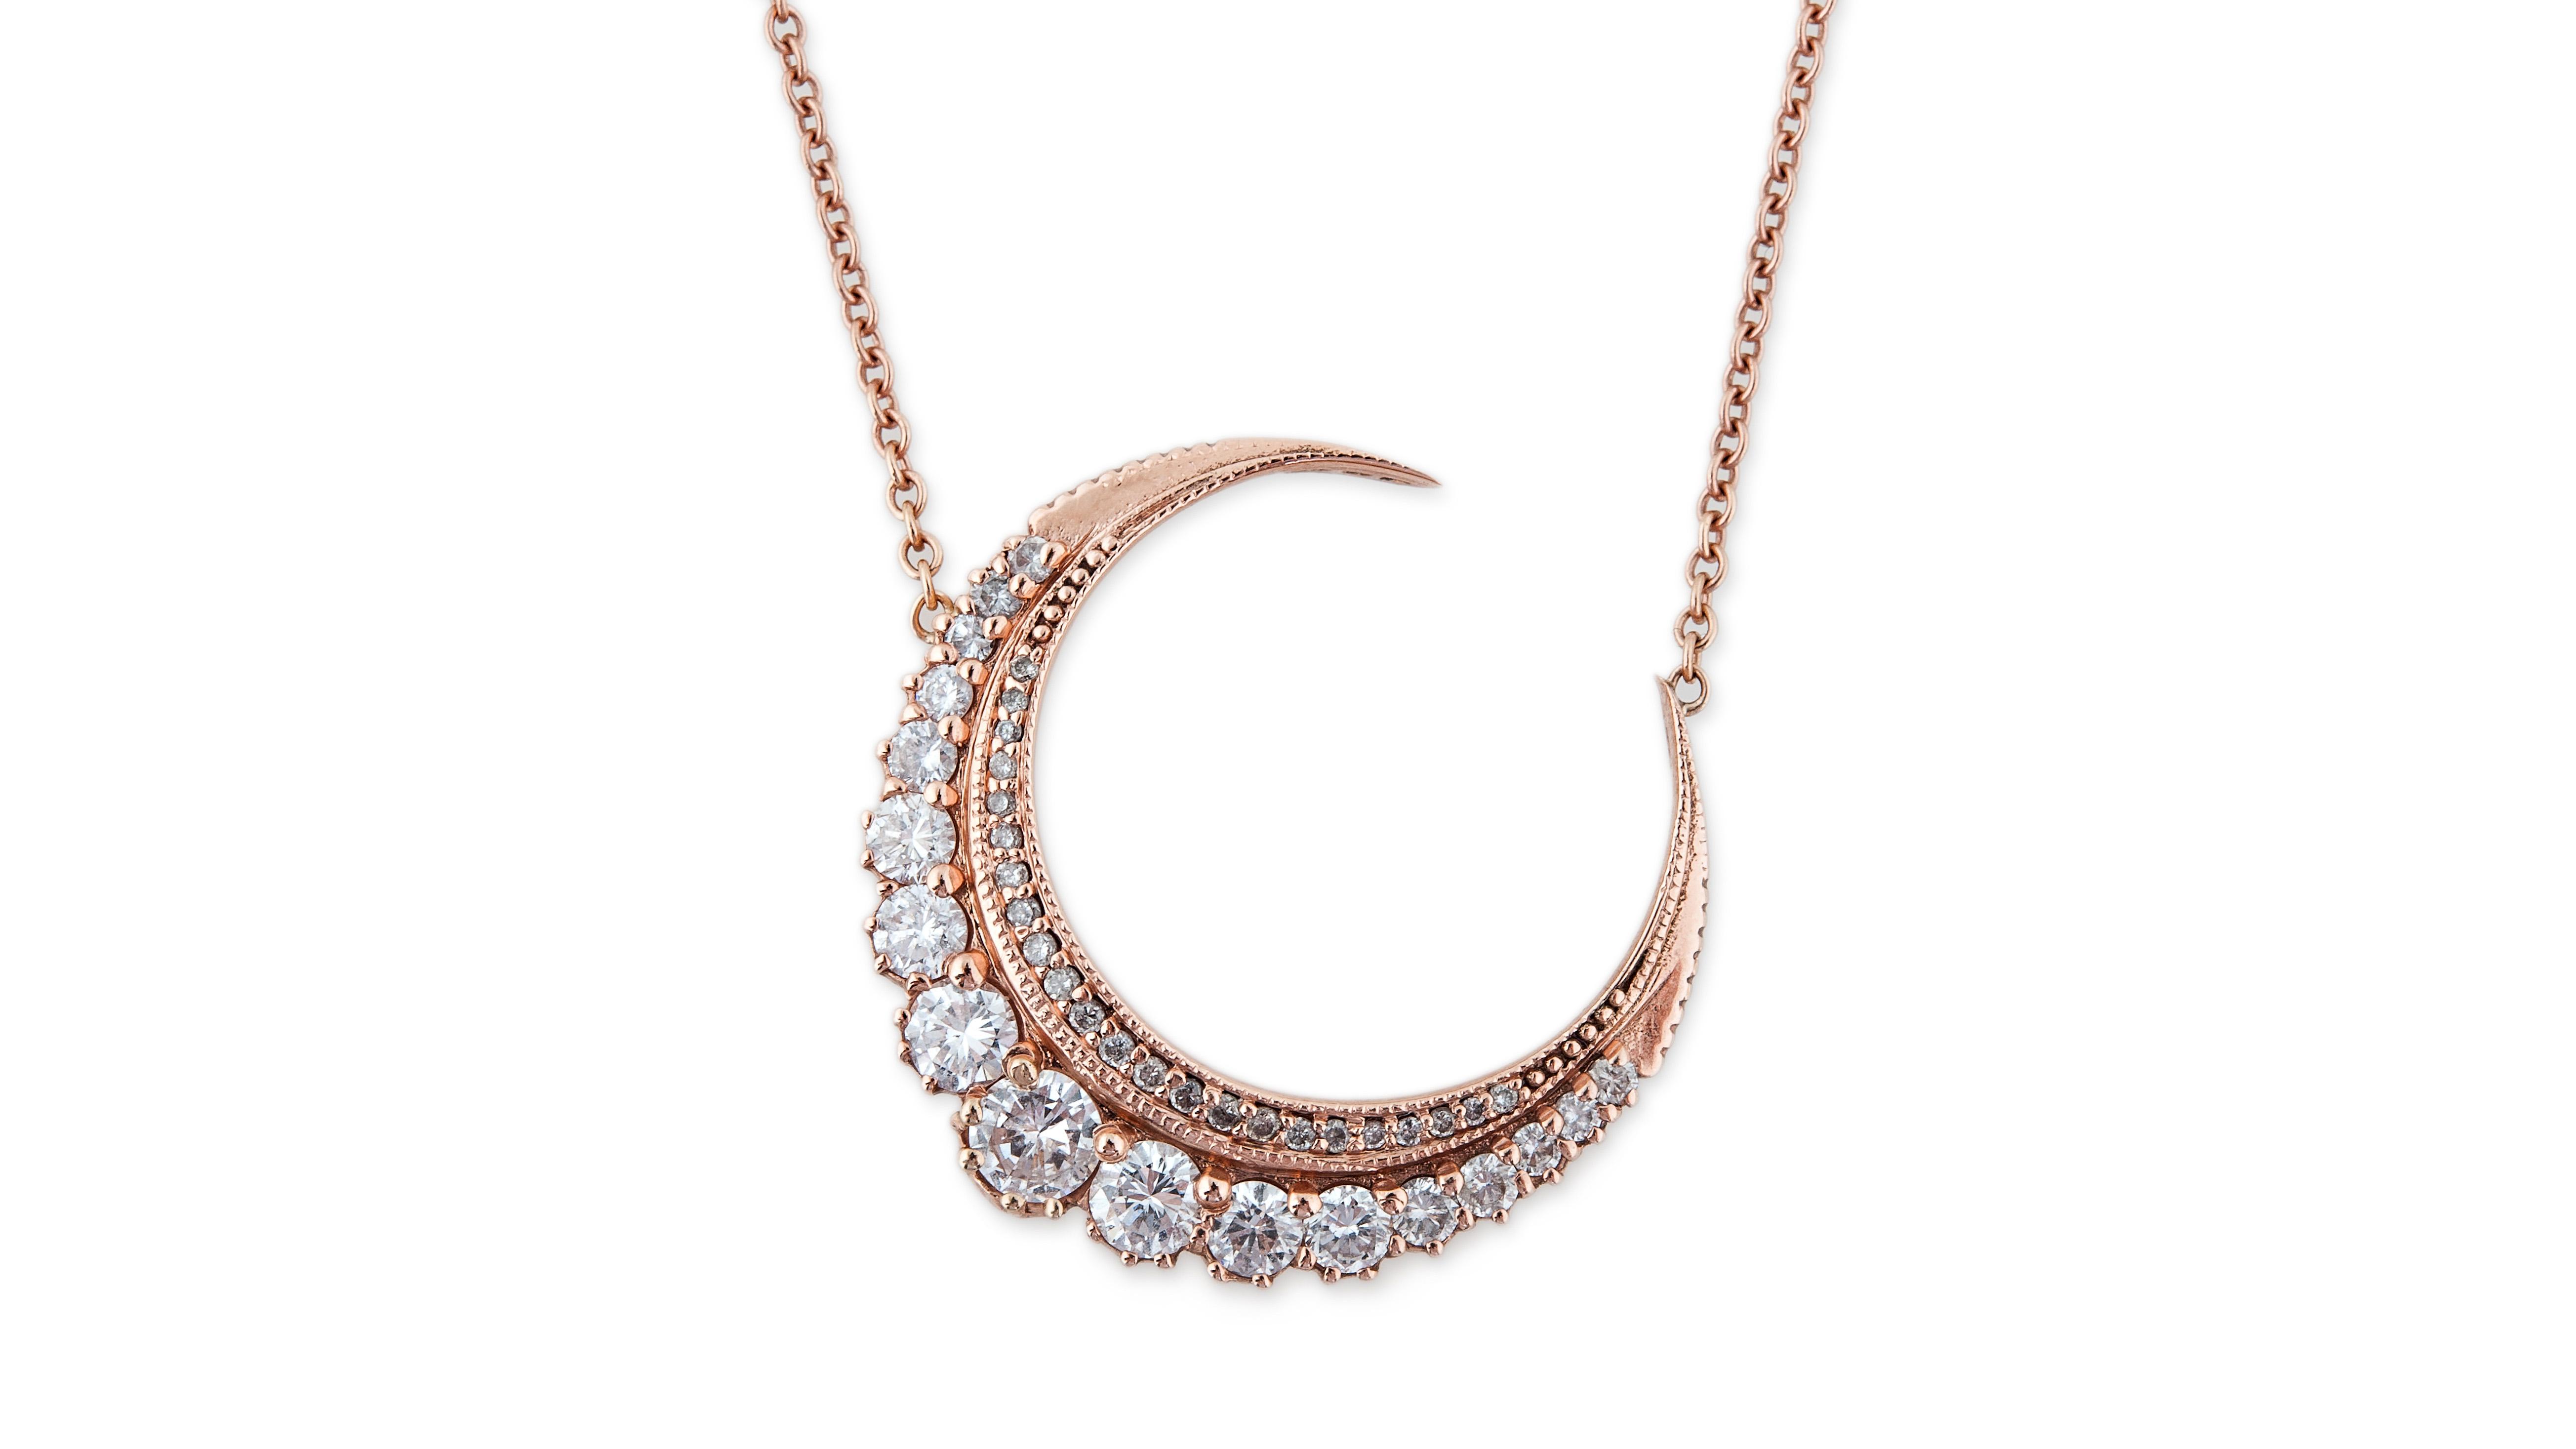 Jacquie Aiche diamond crescent necklace